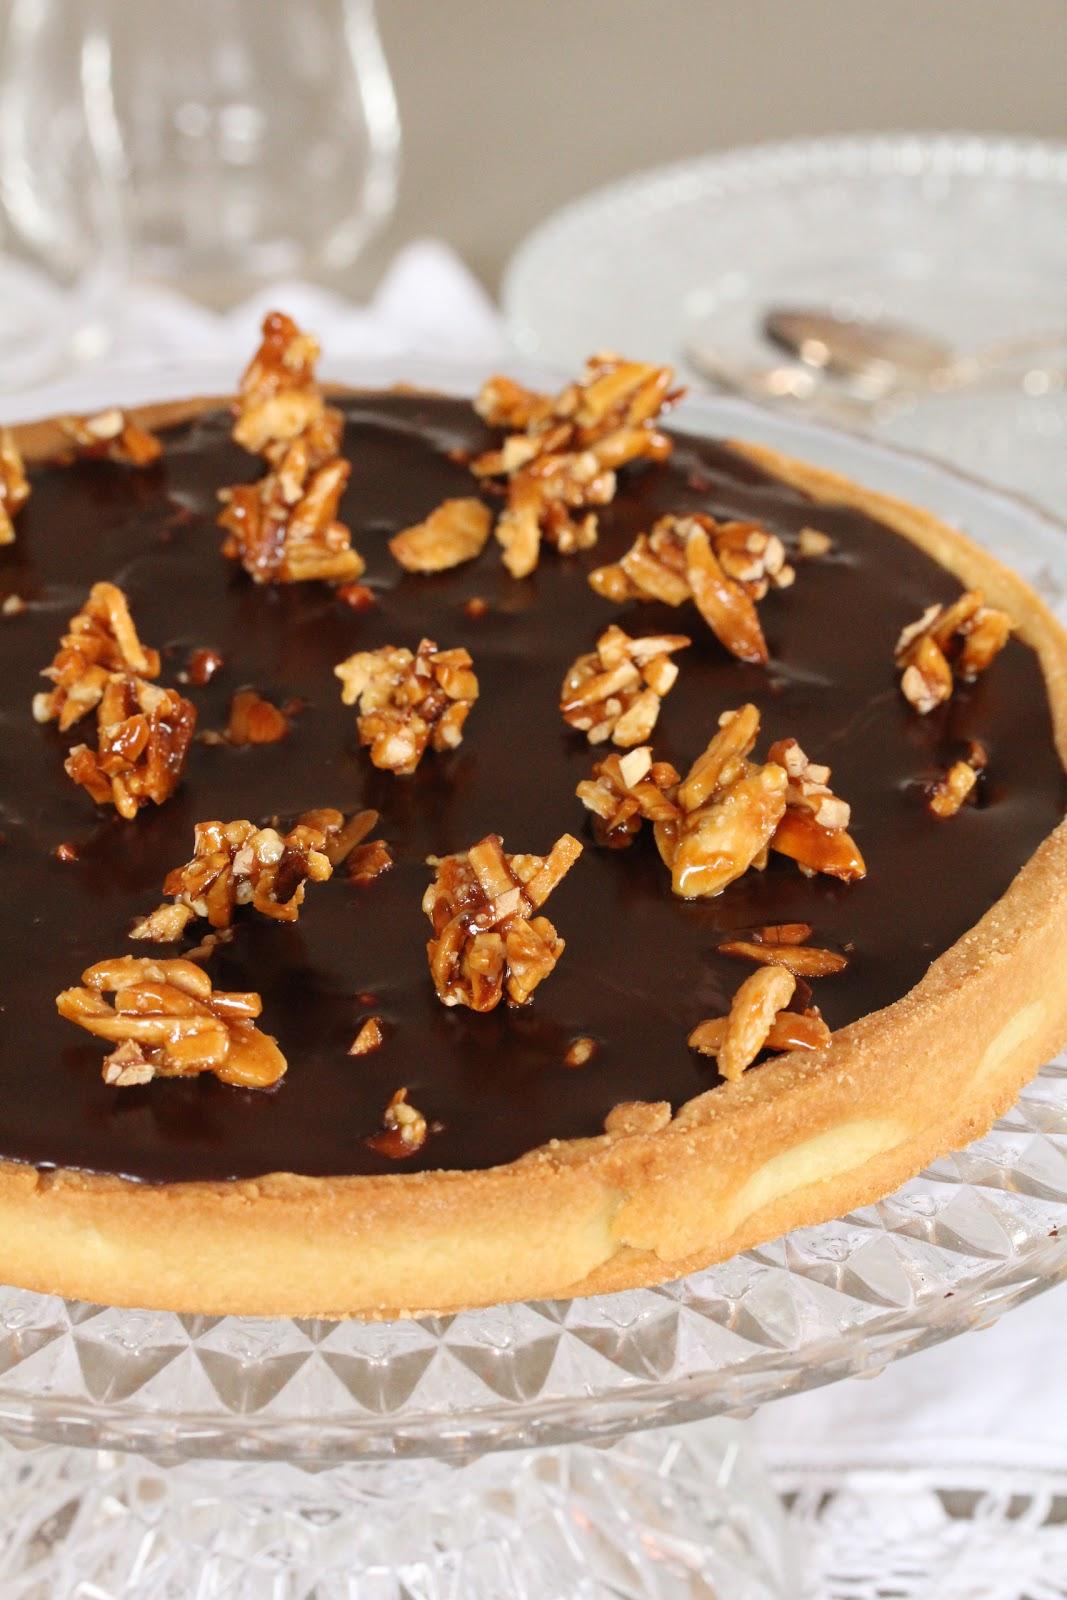 On dine chez nanou tarte au chocolat ganache sans cr me - Comment decorer une tarte au chocolat ...